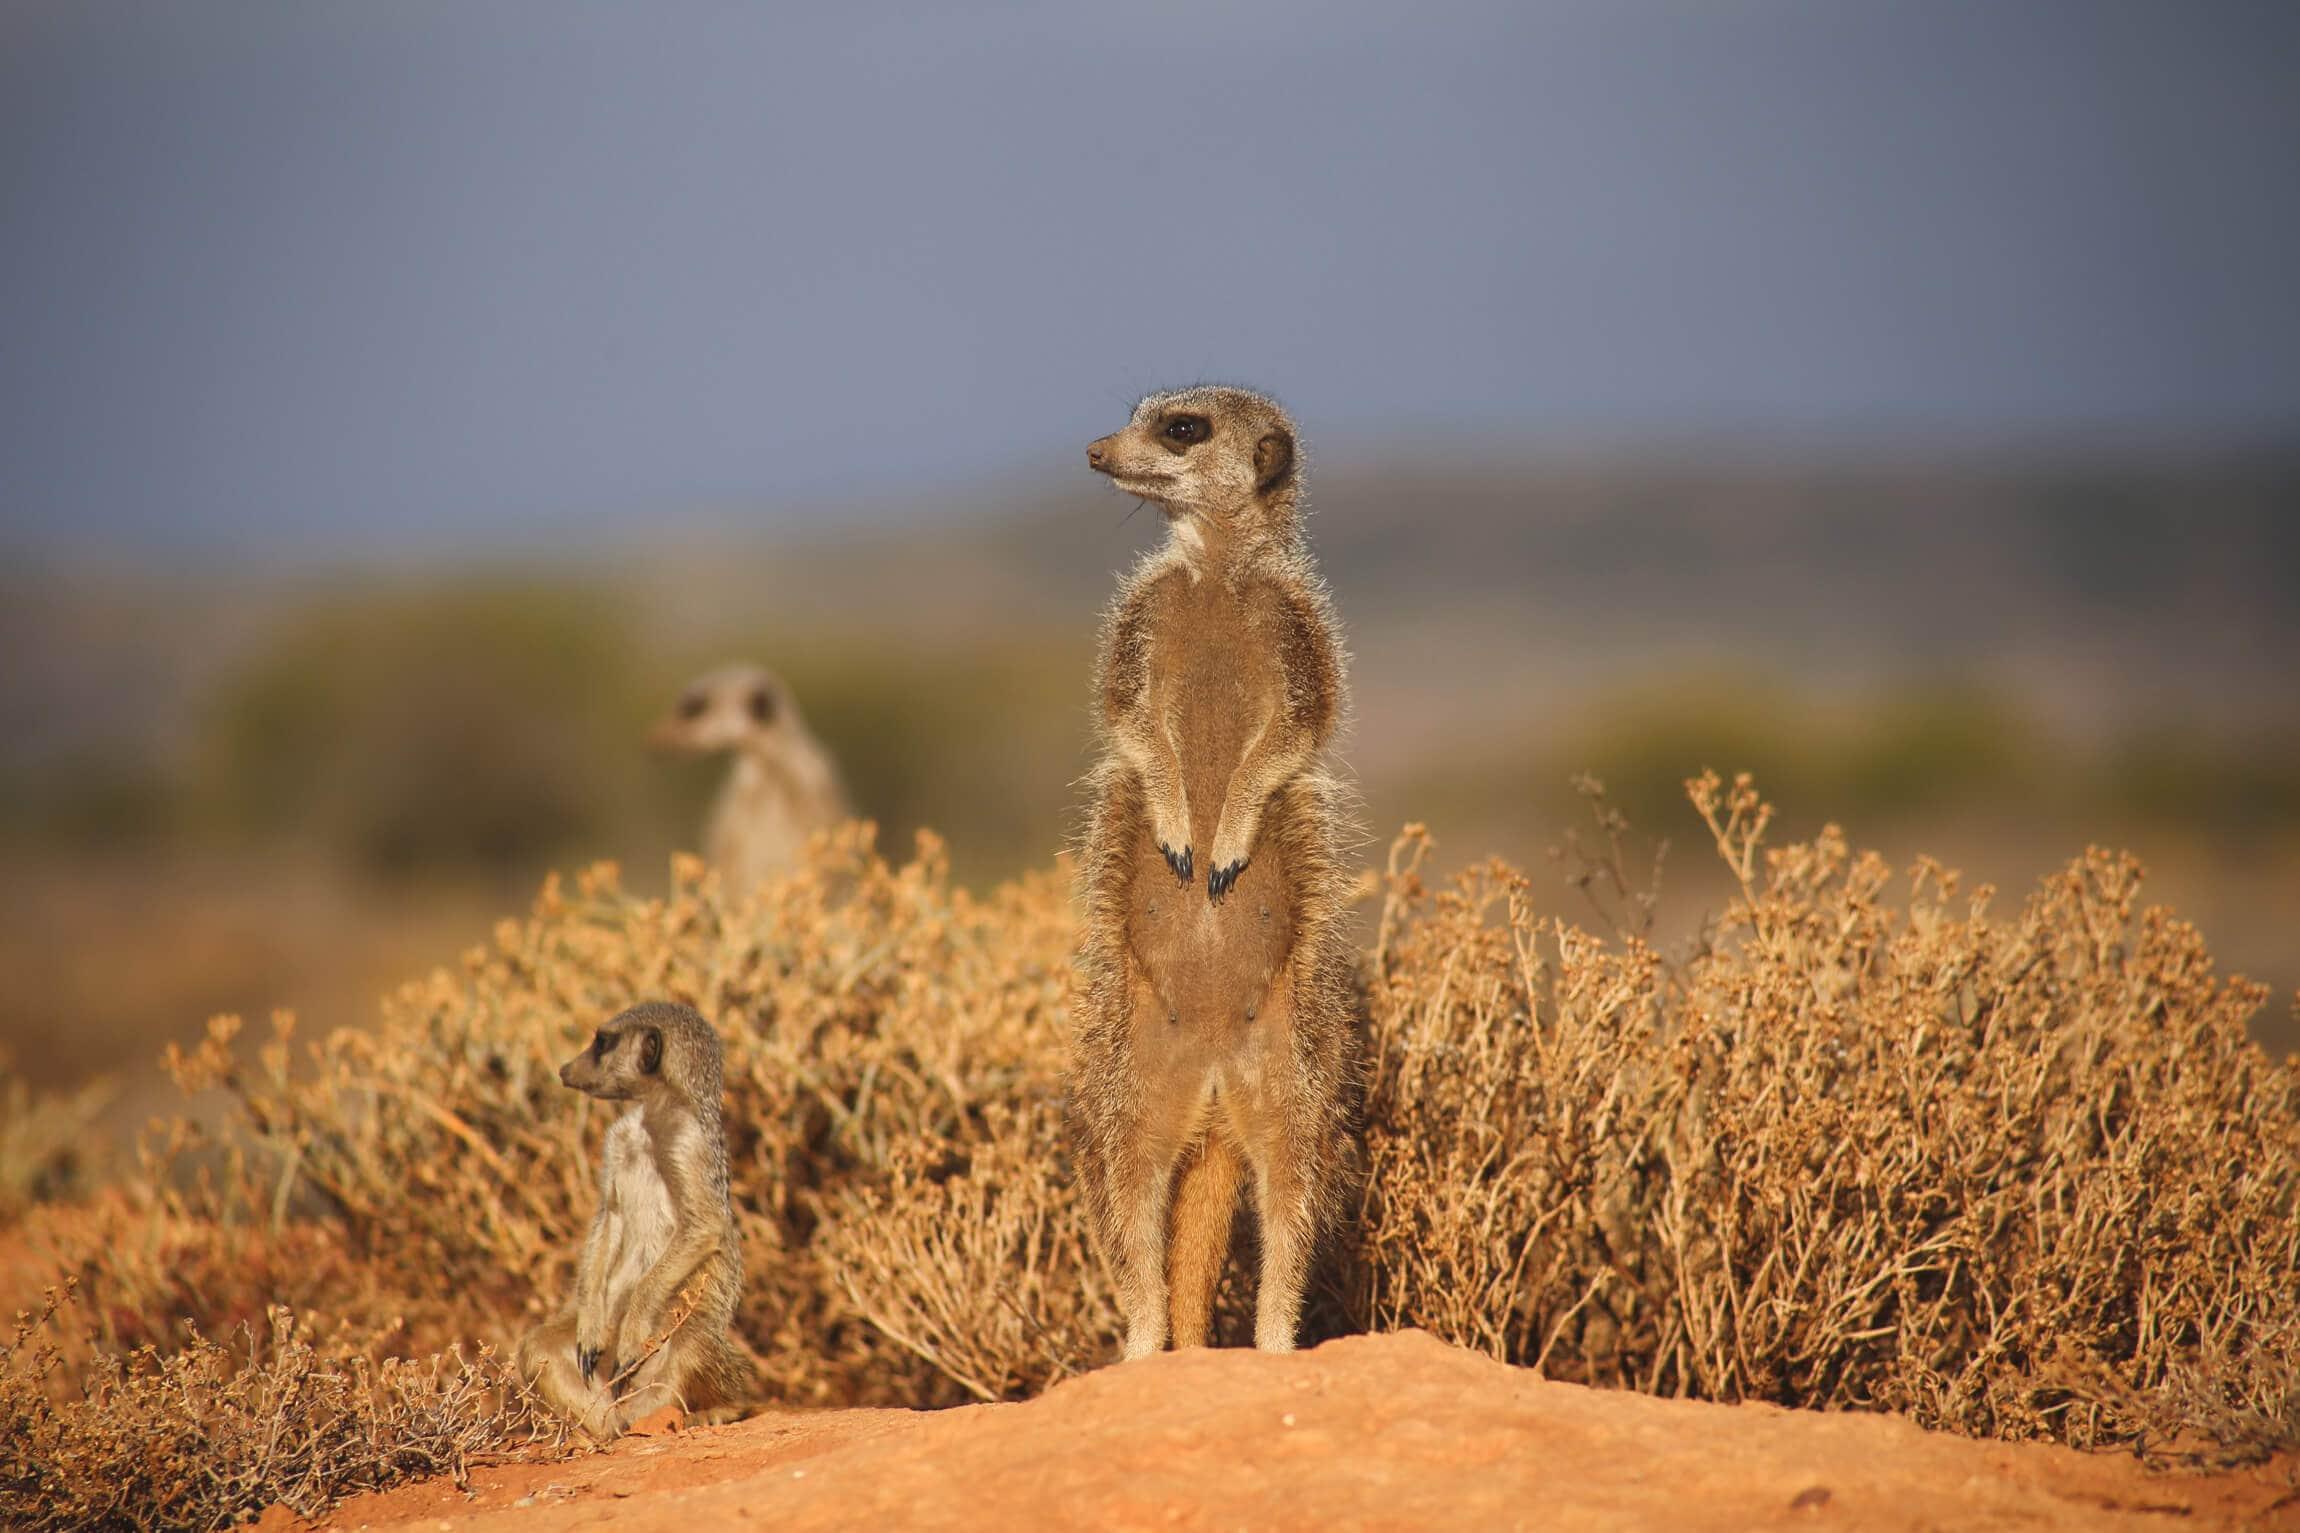 Three meerkats standing in the bush